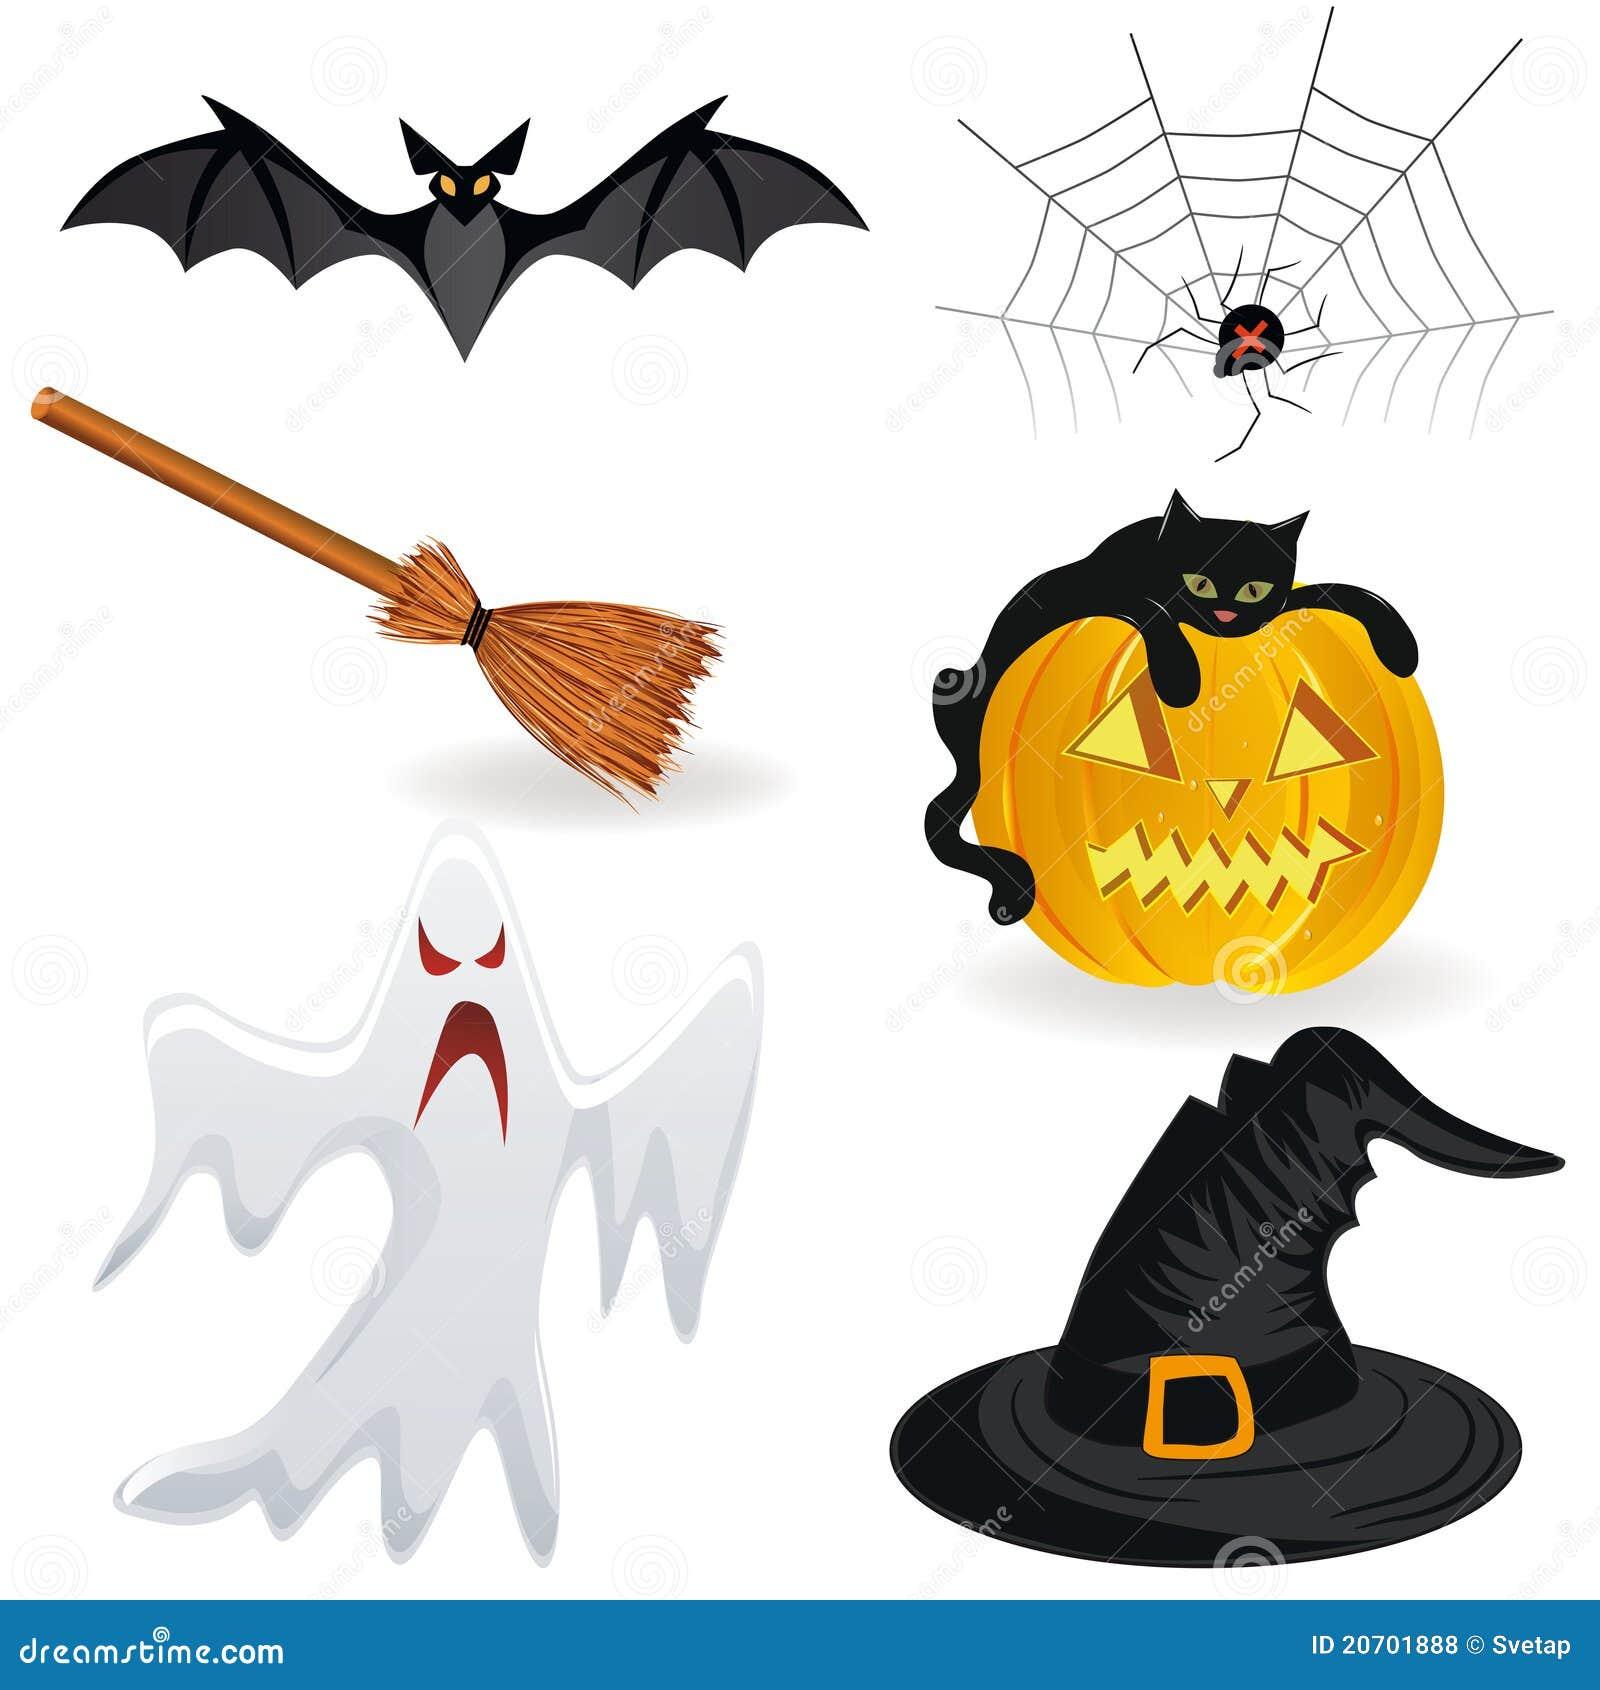 击笤帚鬼魂万圣节帽子图标南瓜蜘蛛.图片